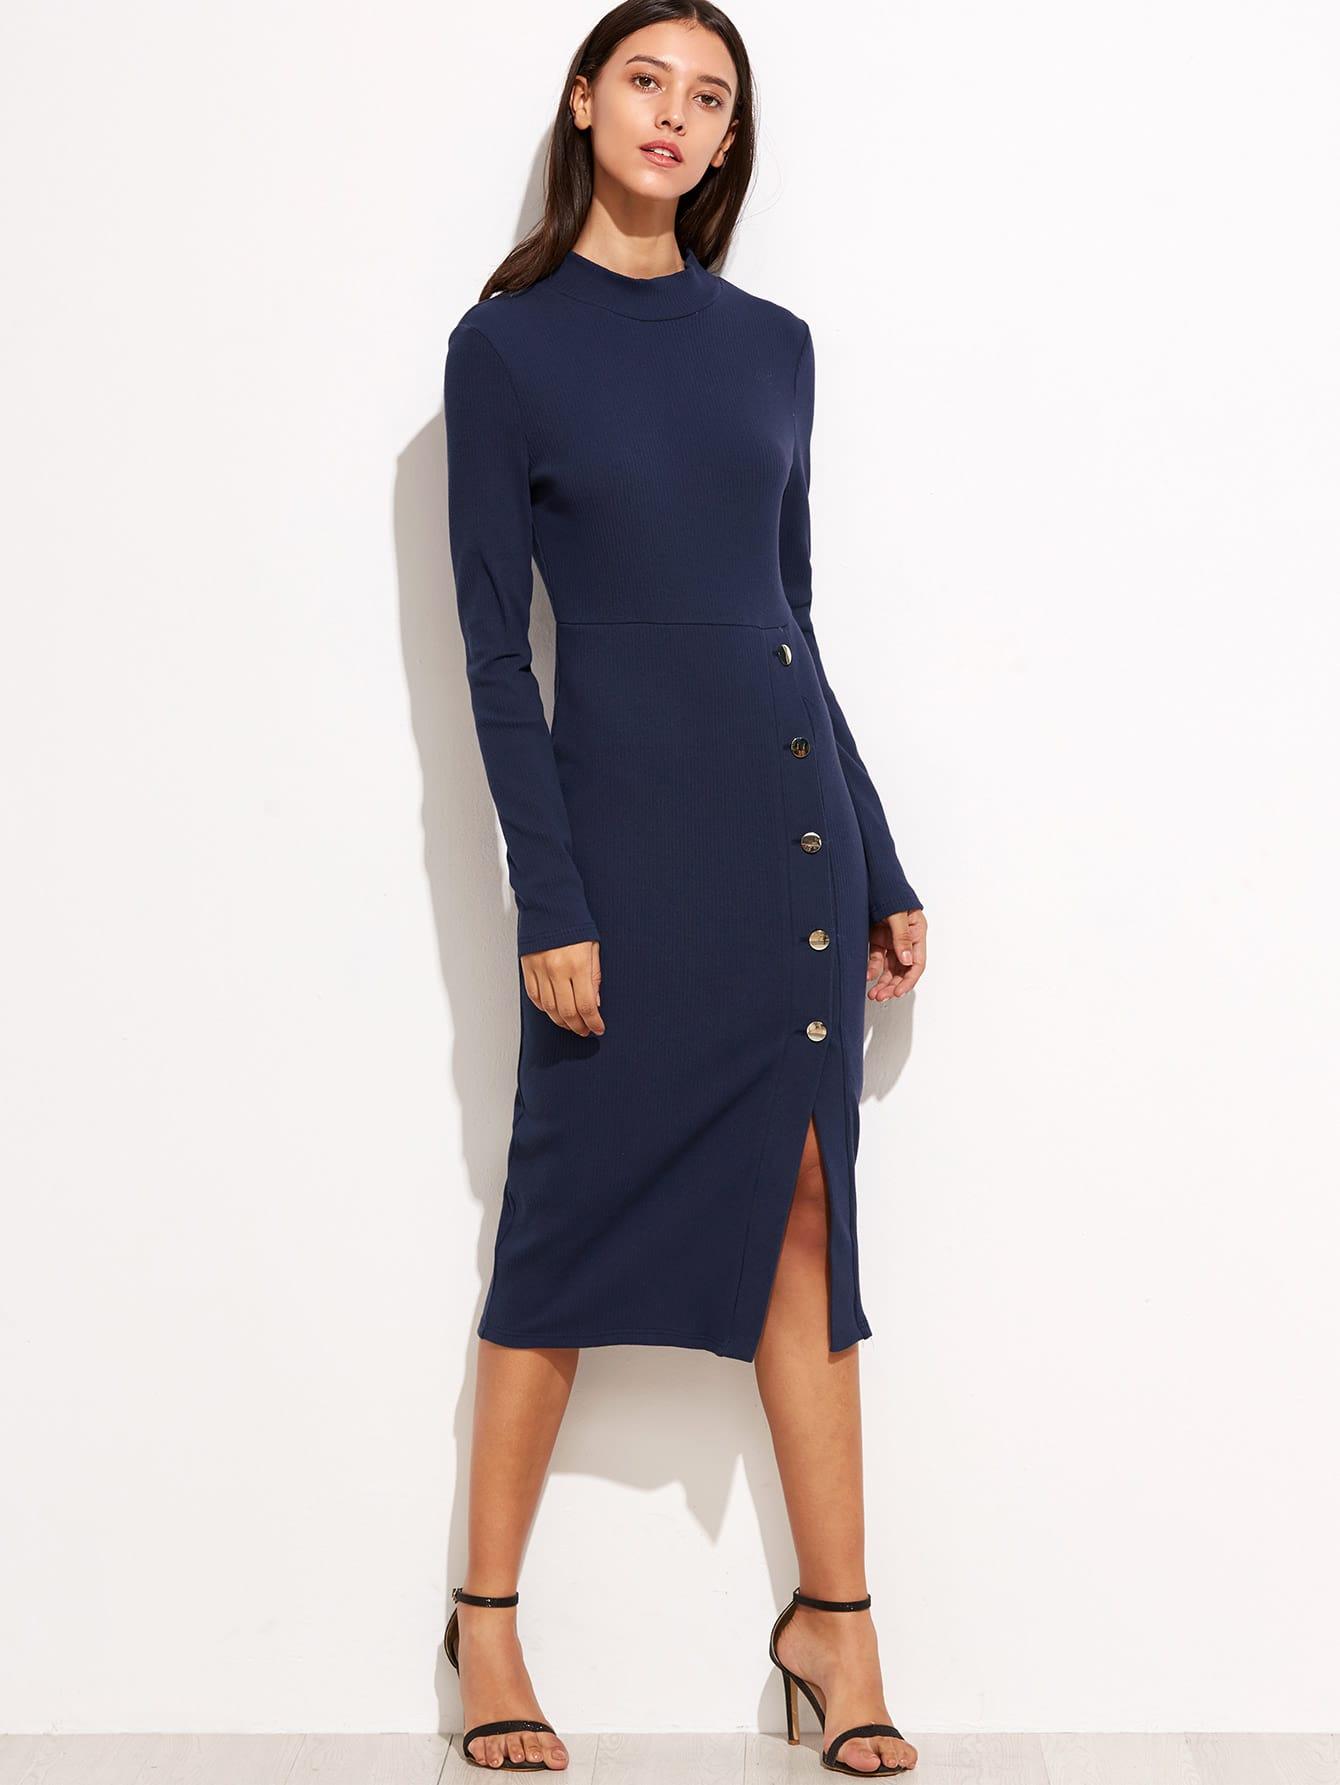 dress160916702_2